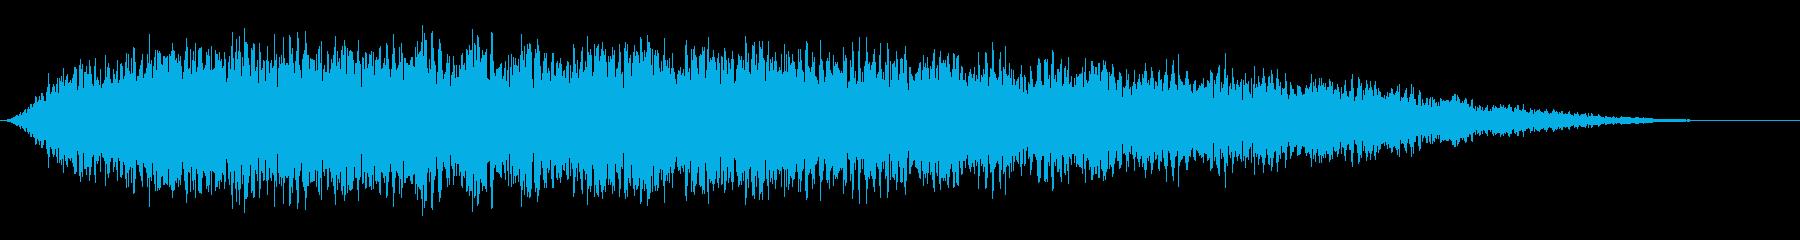 ソフトテンションコード1の再生済みの波形